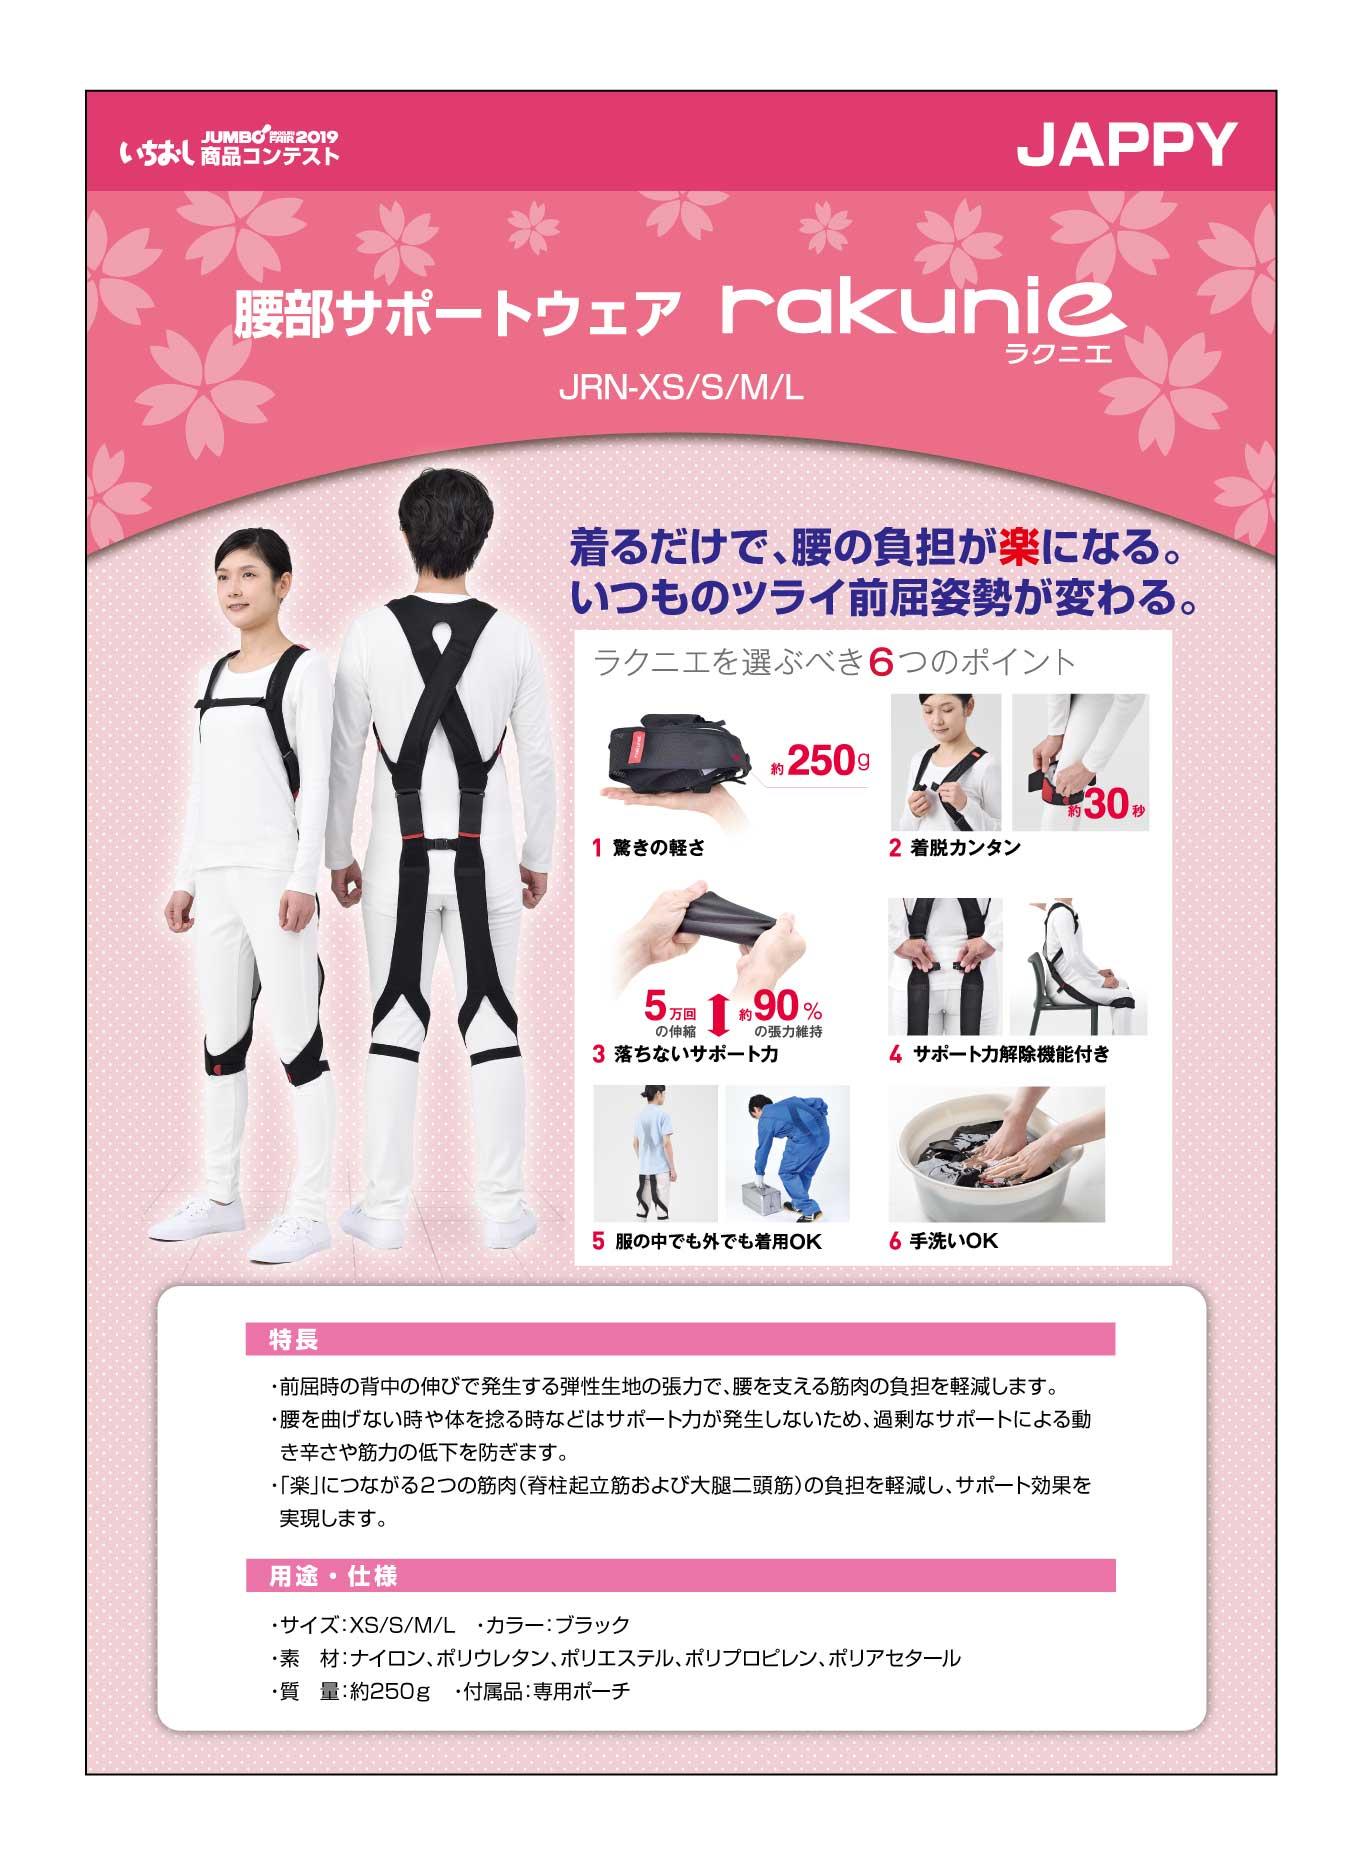 「腰部サポートウェア rakunie(ラクニエ)」JAPPYの画像